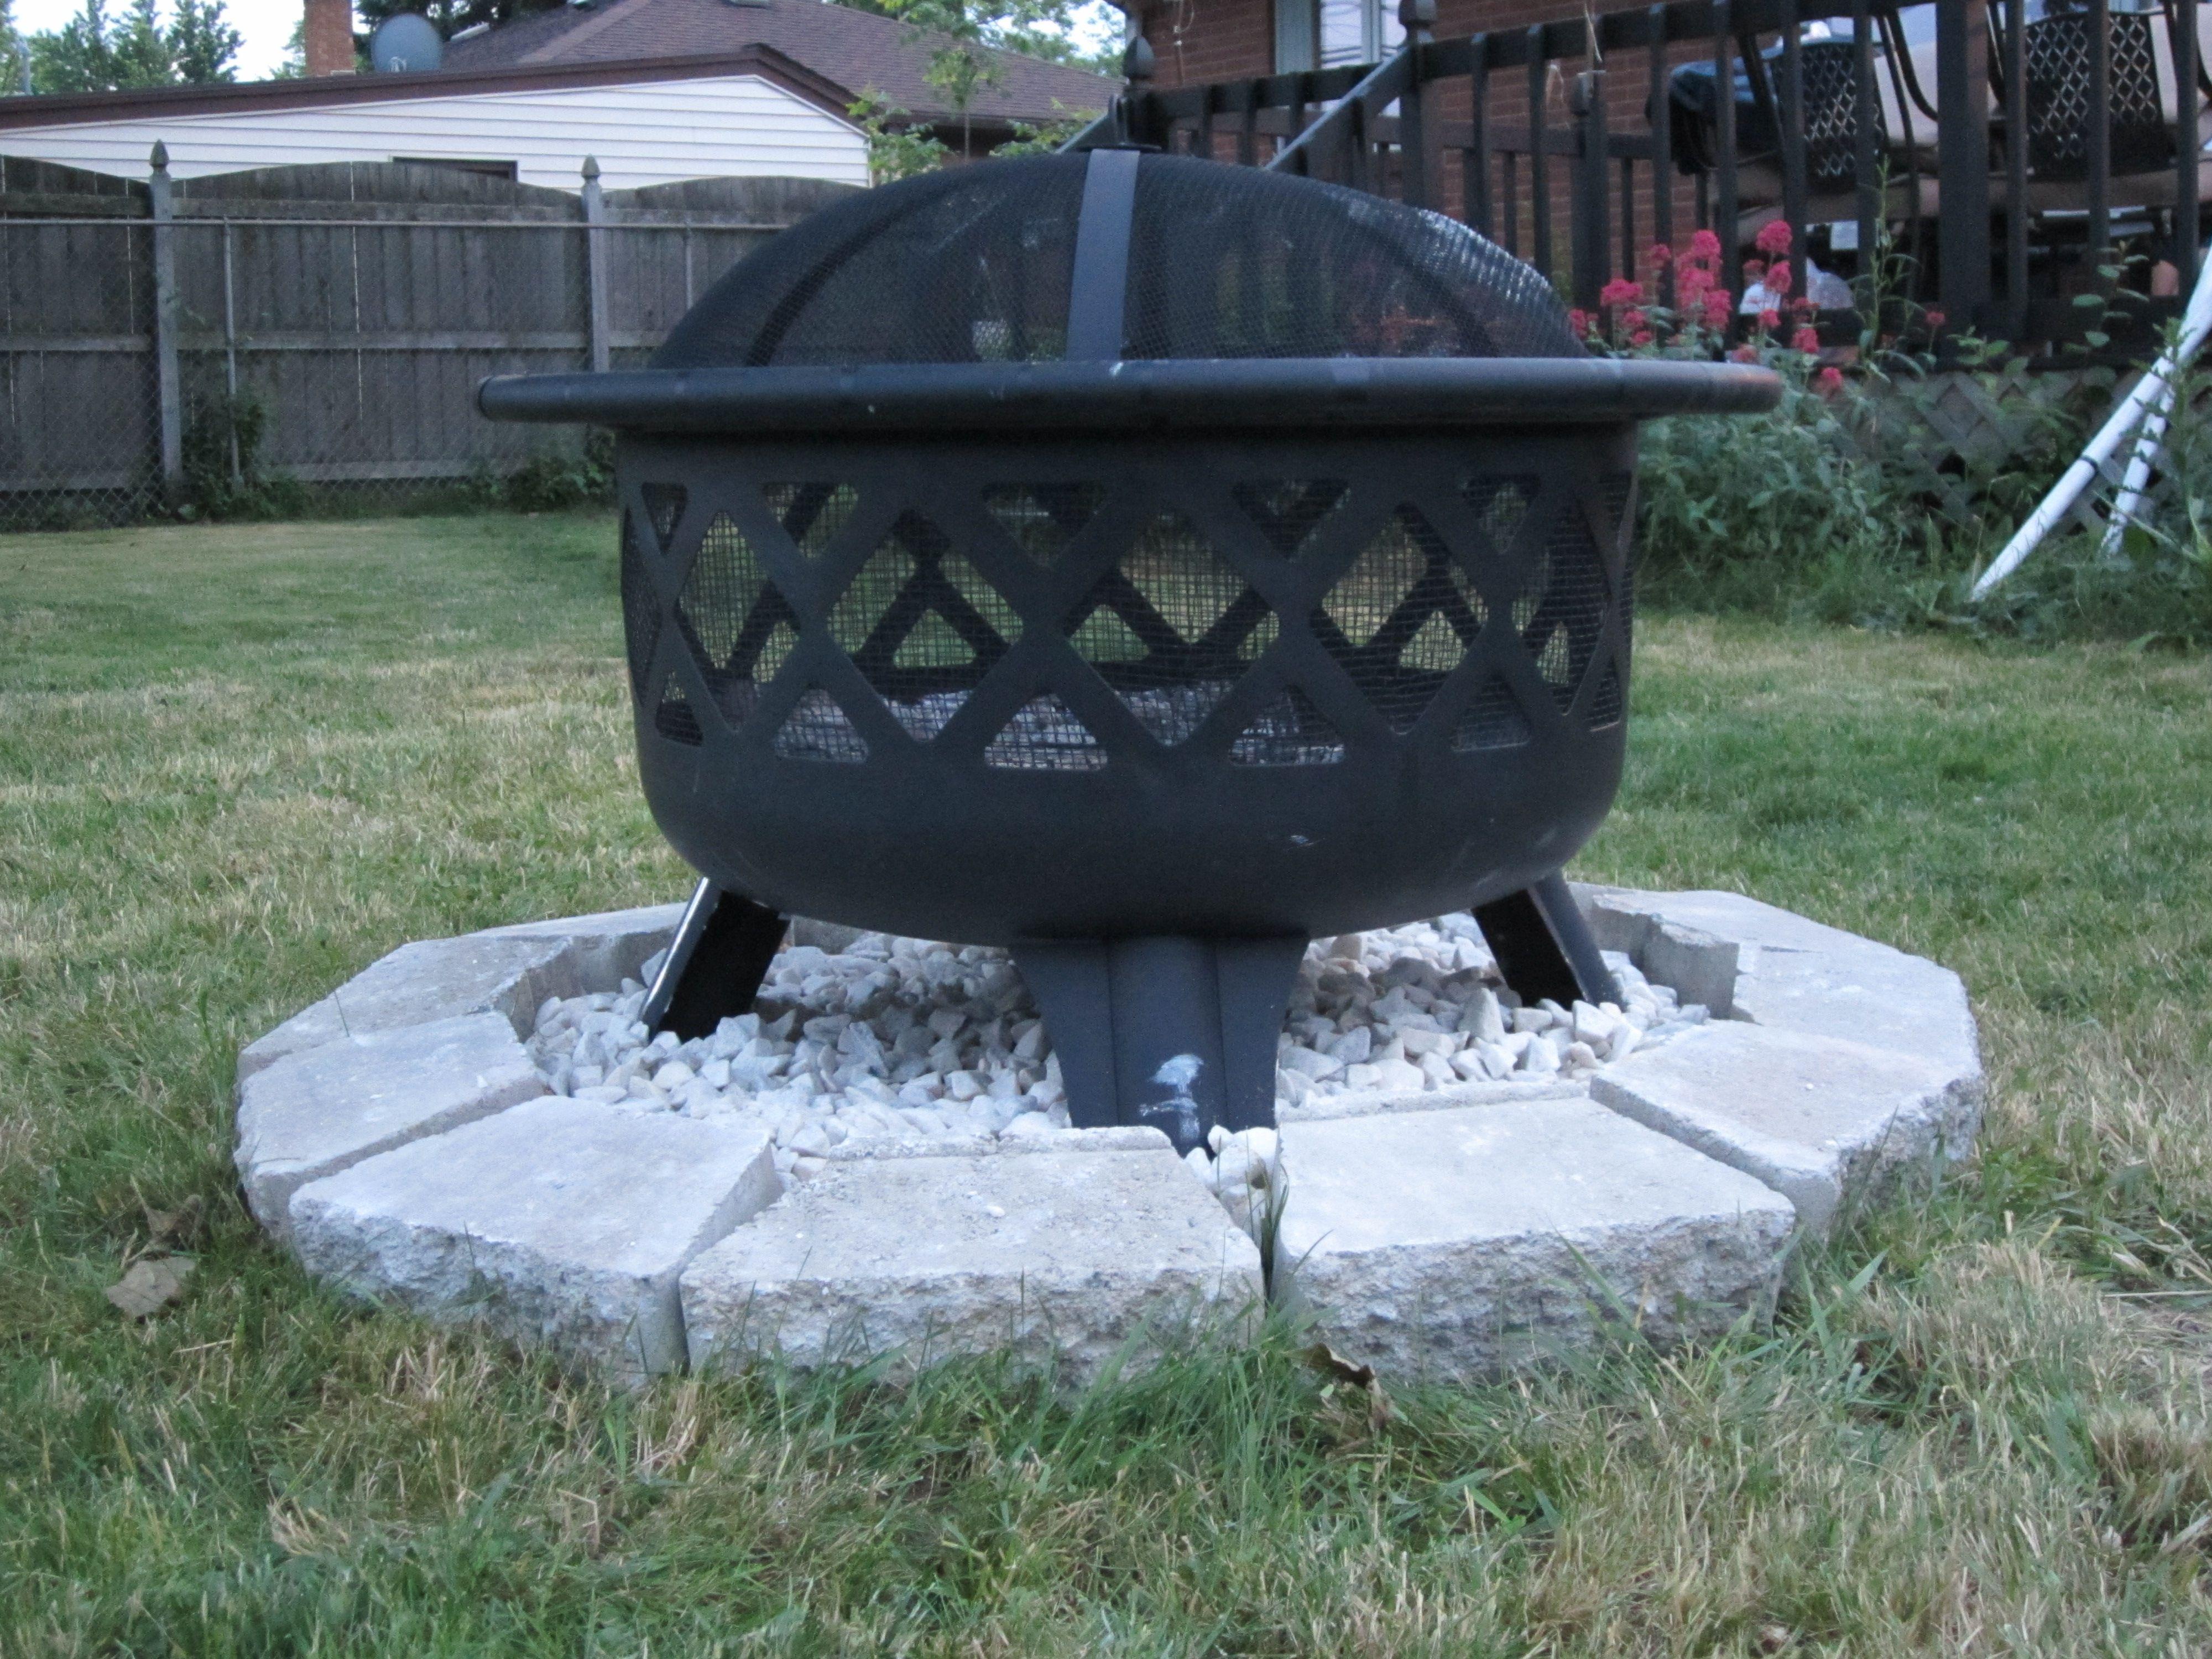 DIY little rock pit for your fire pit. Put a plastic